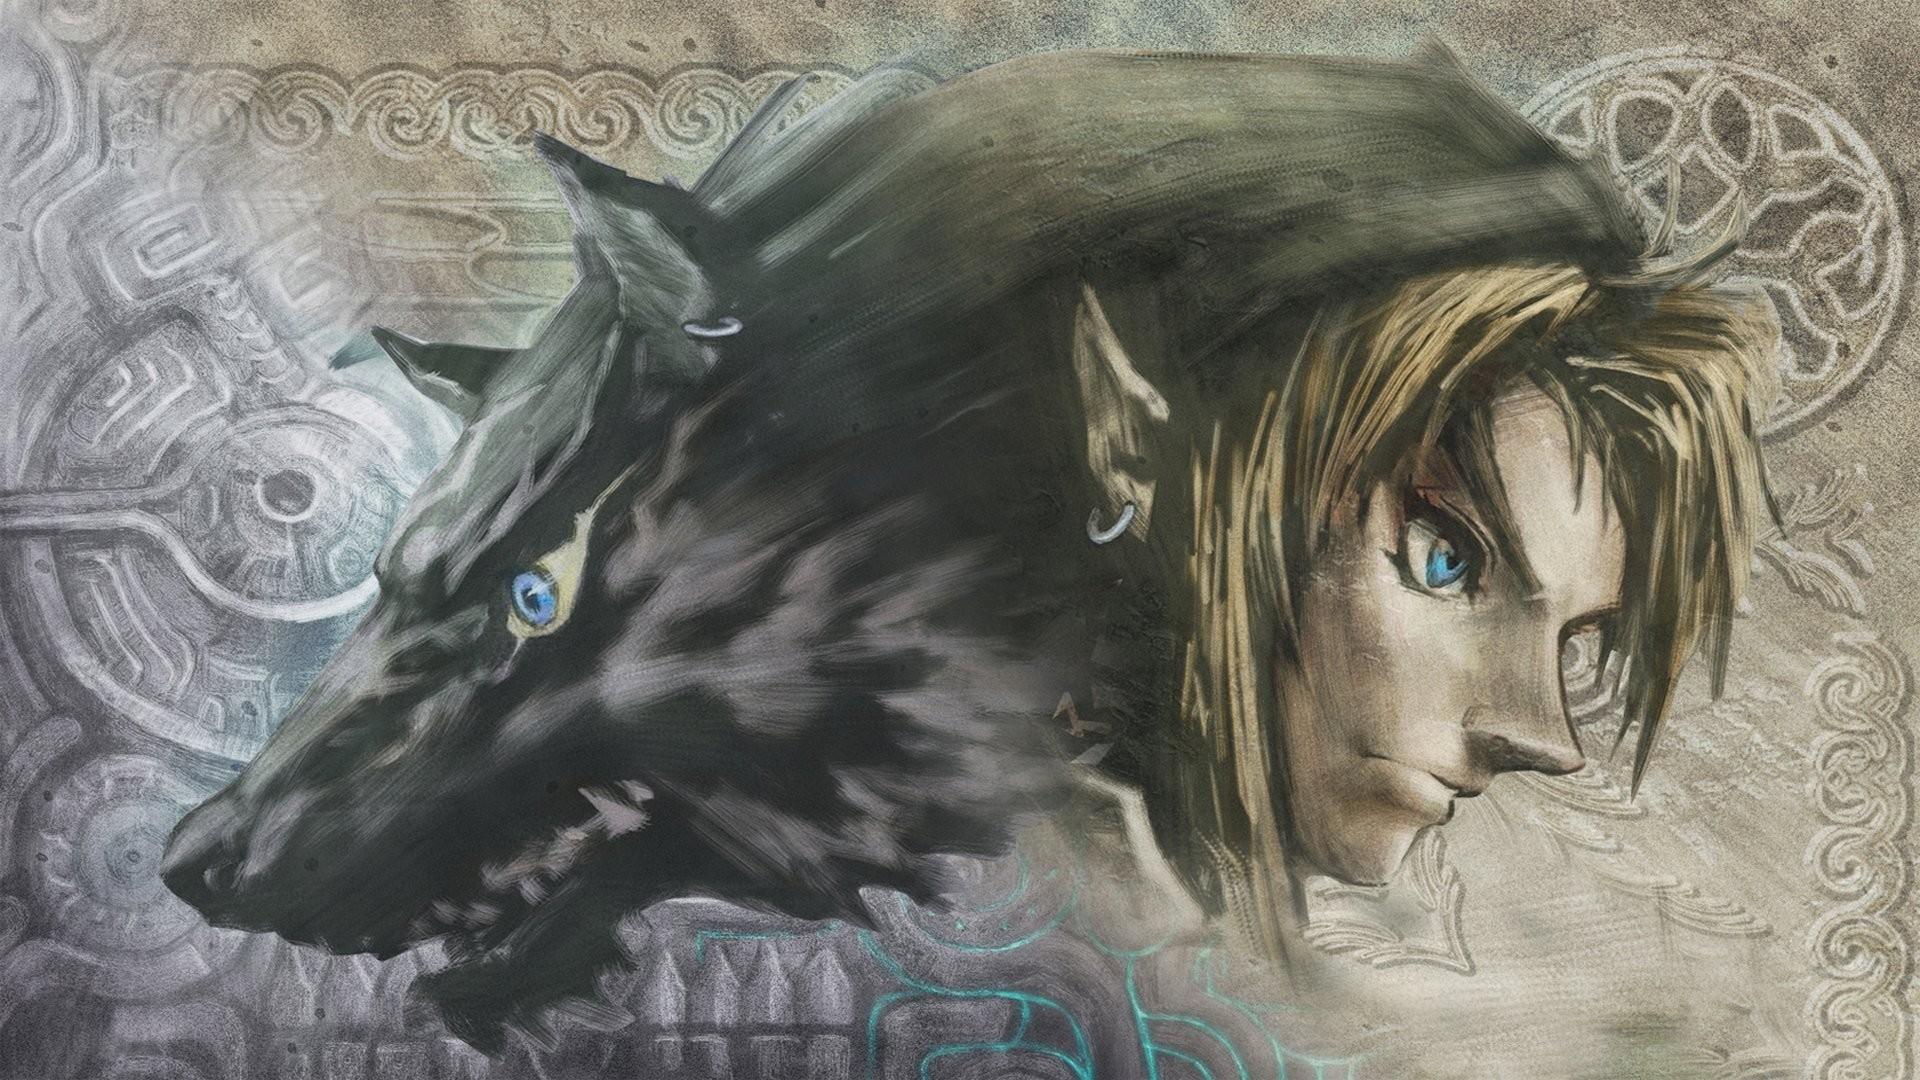 61 The Legend Of Zelda Twilight Princess Hd Wallpapers